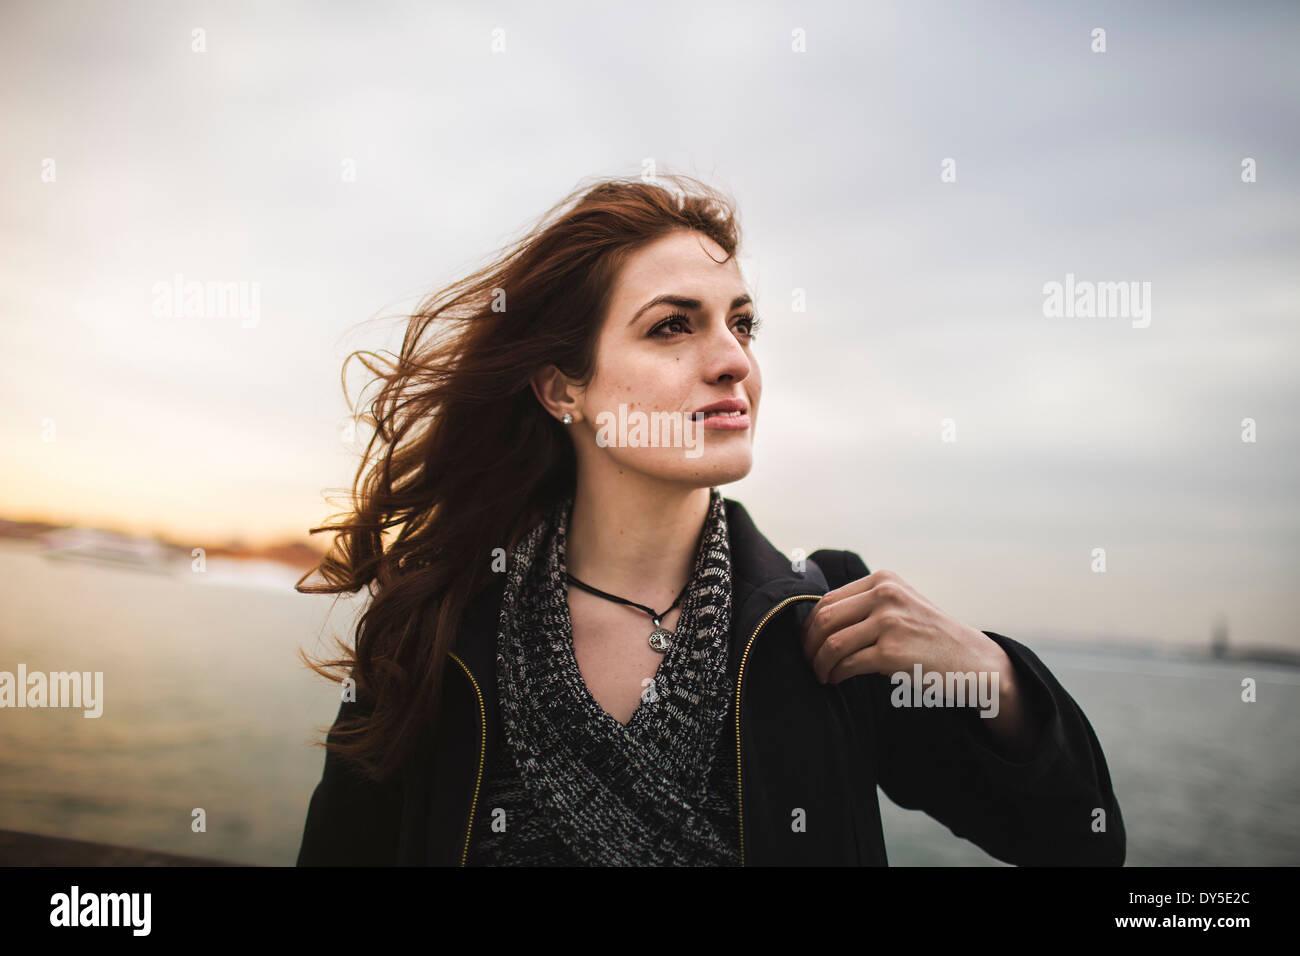 Giovane donna accanto al fiume Hudson, New York, Stati Uniti d'America Immagini Stock